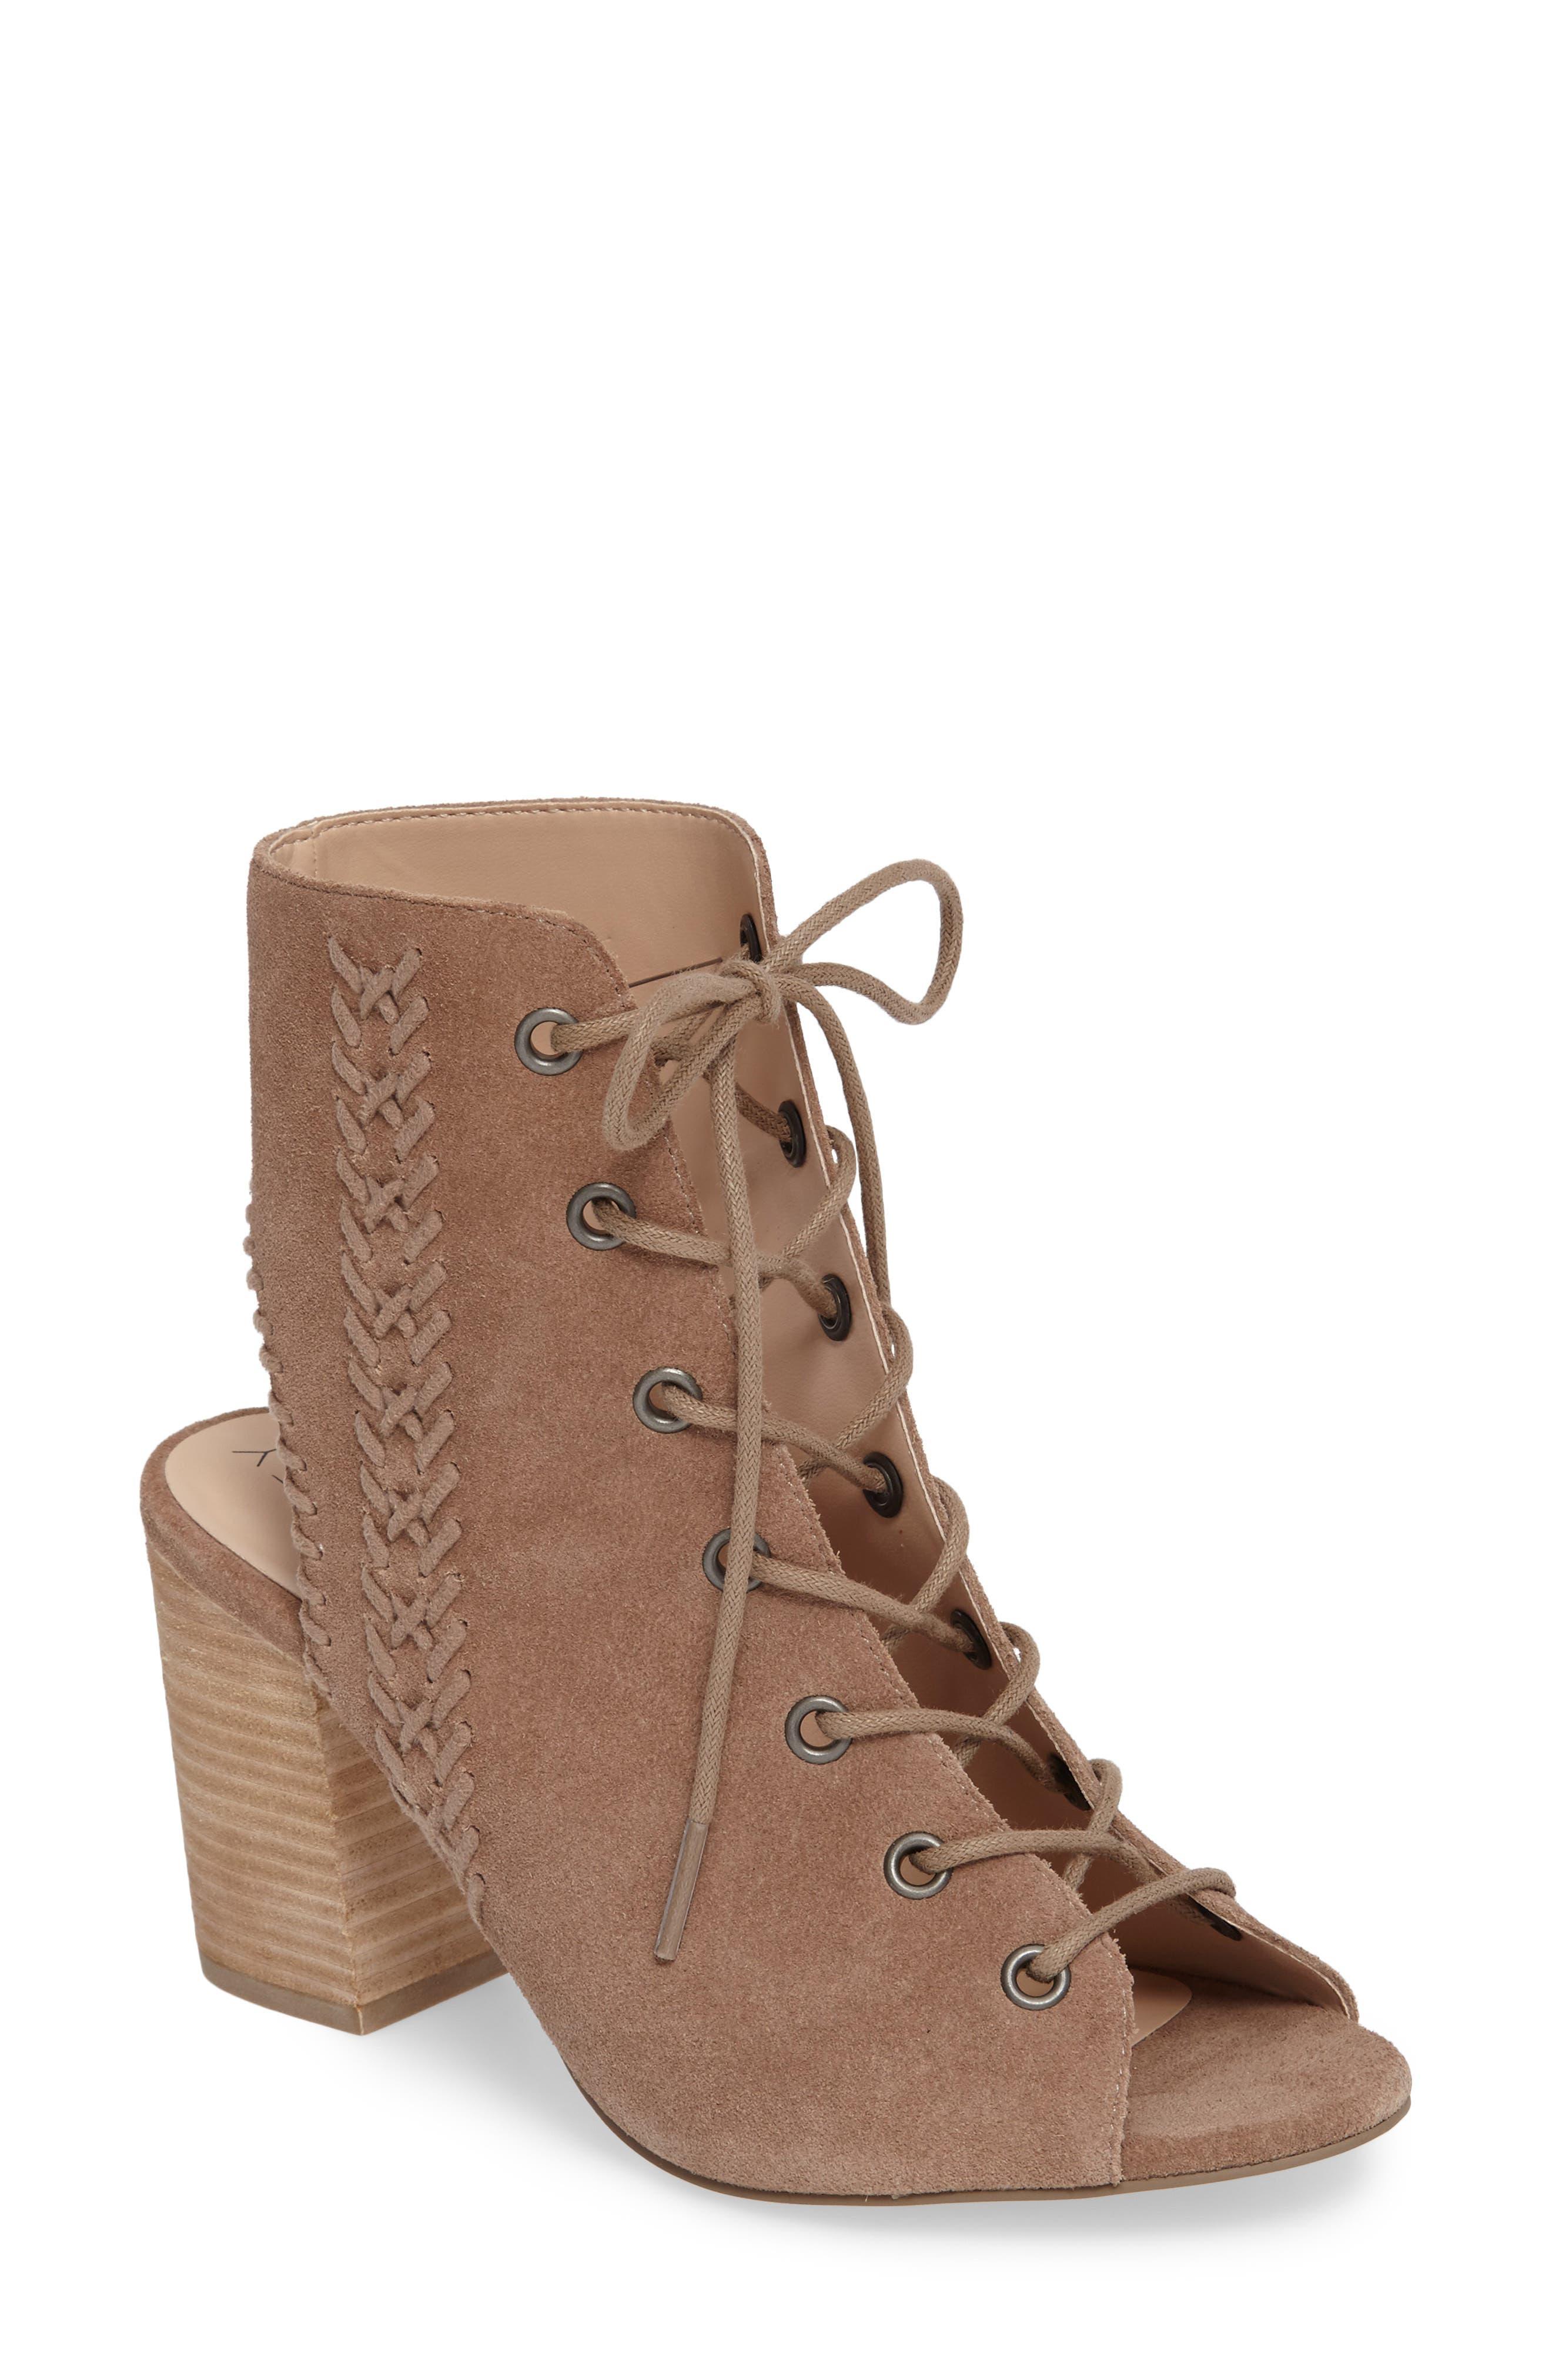 Rohan Lace-Up Bootie Sandal,                         Main,                         color,